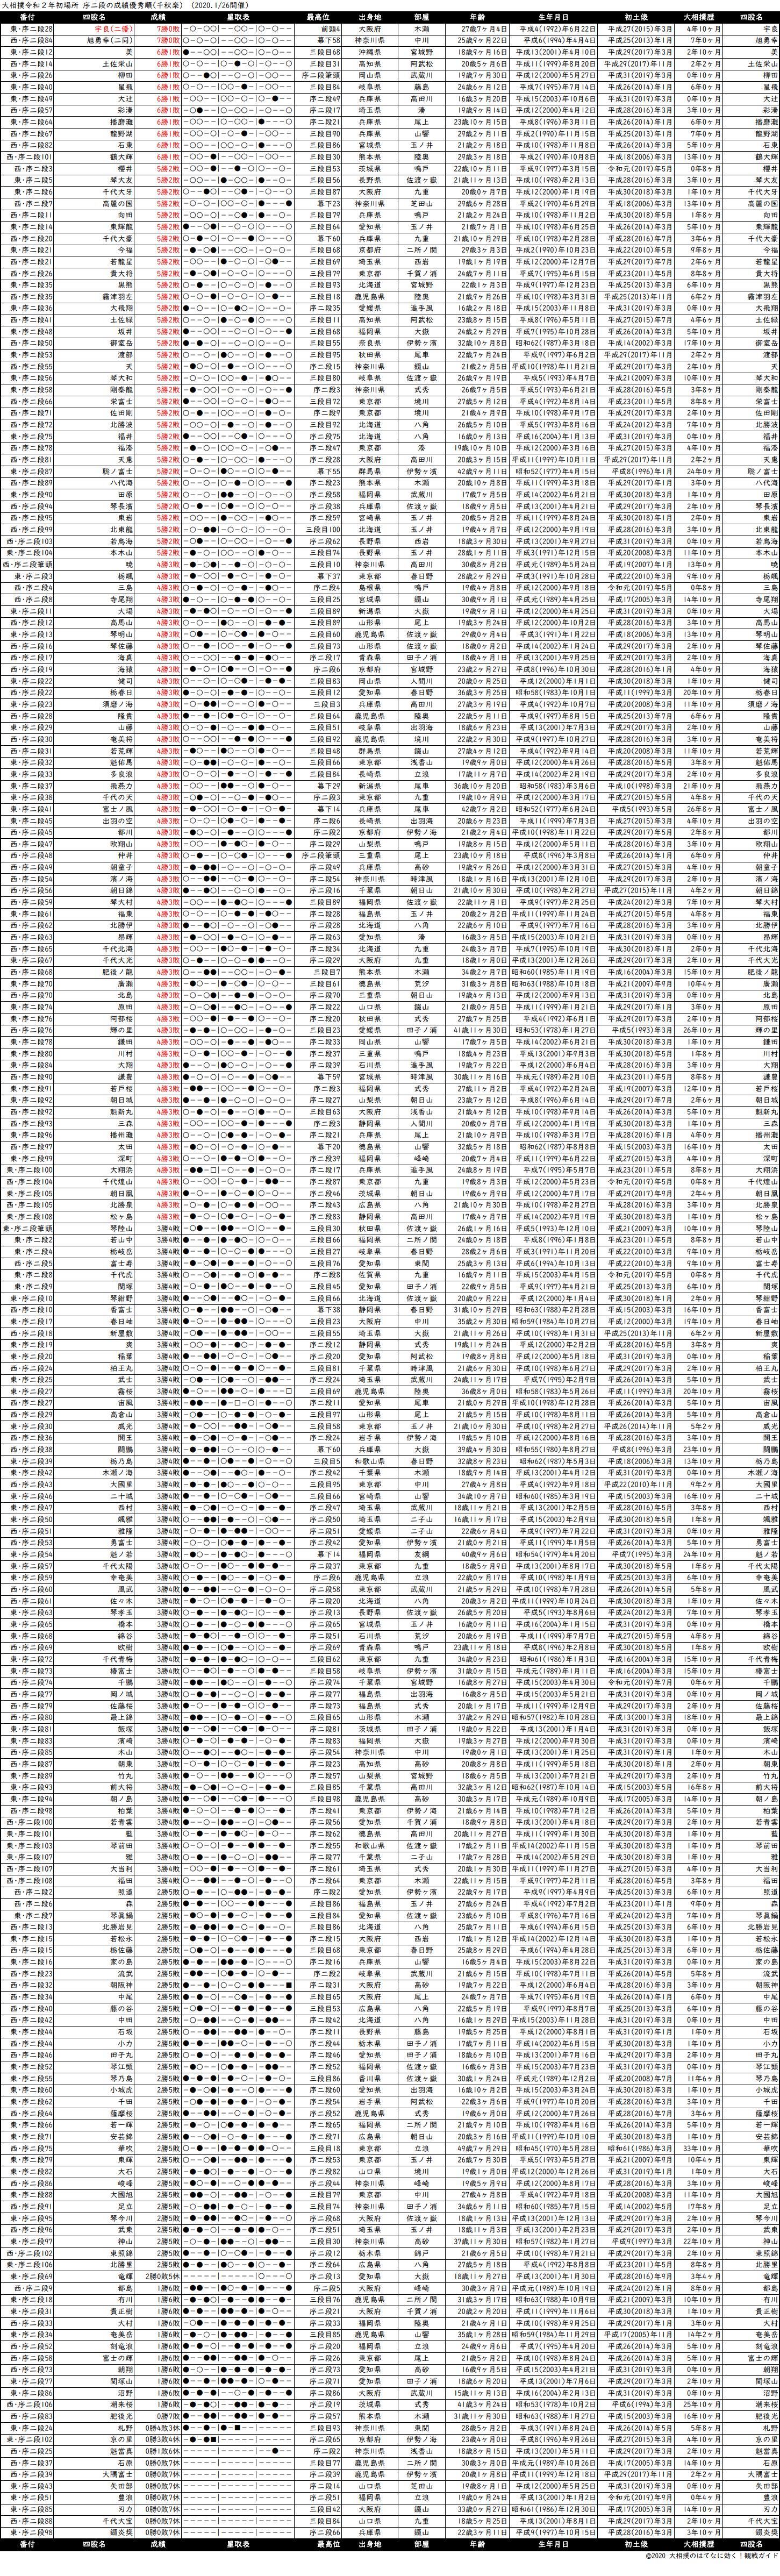 序二段成績順一覧表・2020年1月場所千秋楽